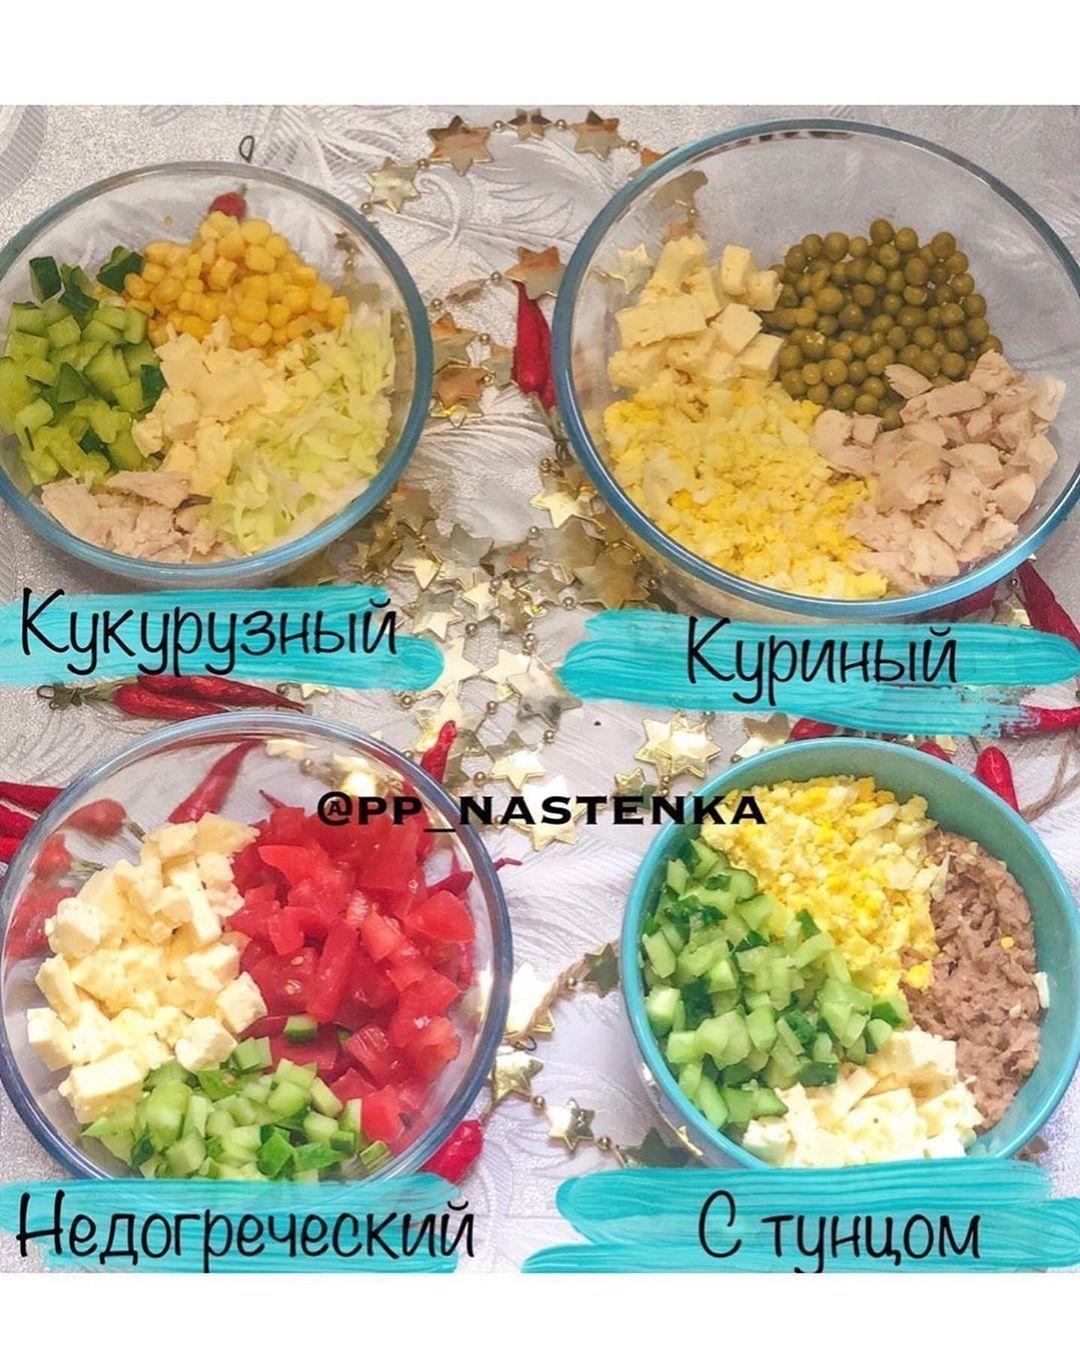 Подборка салатов с брынзой